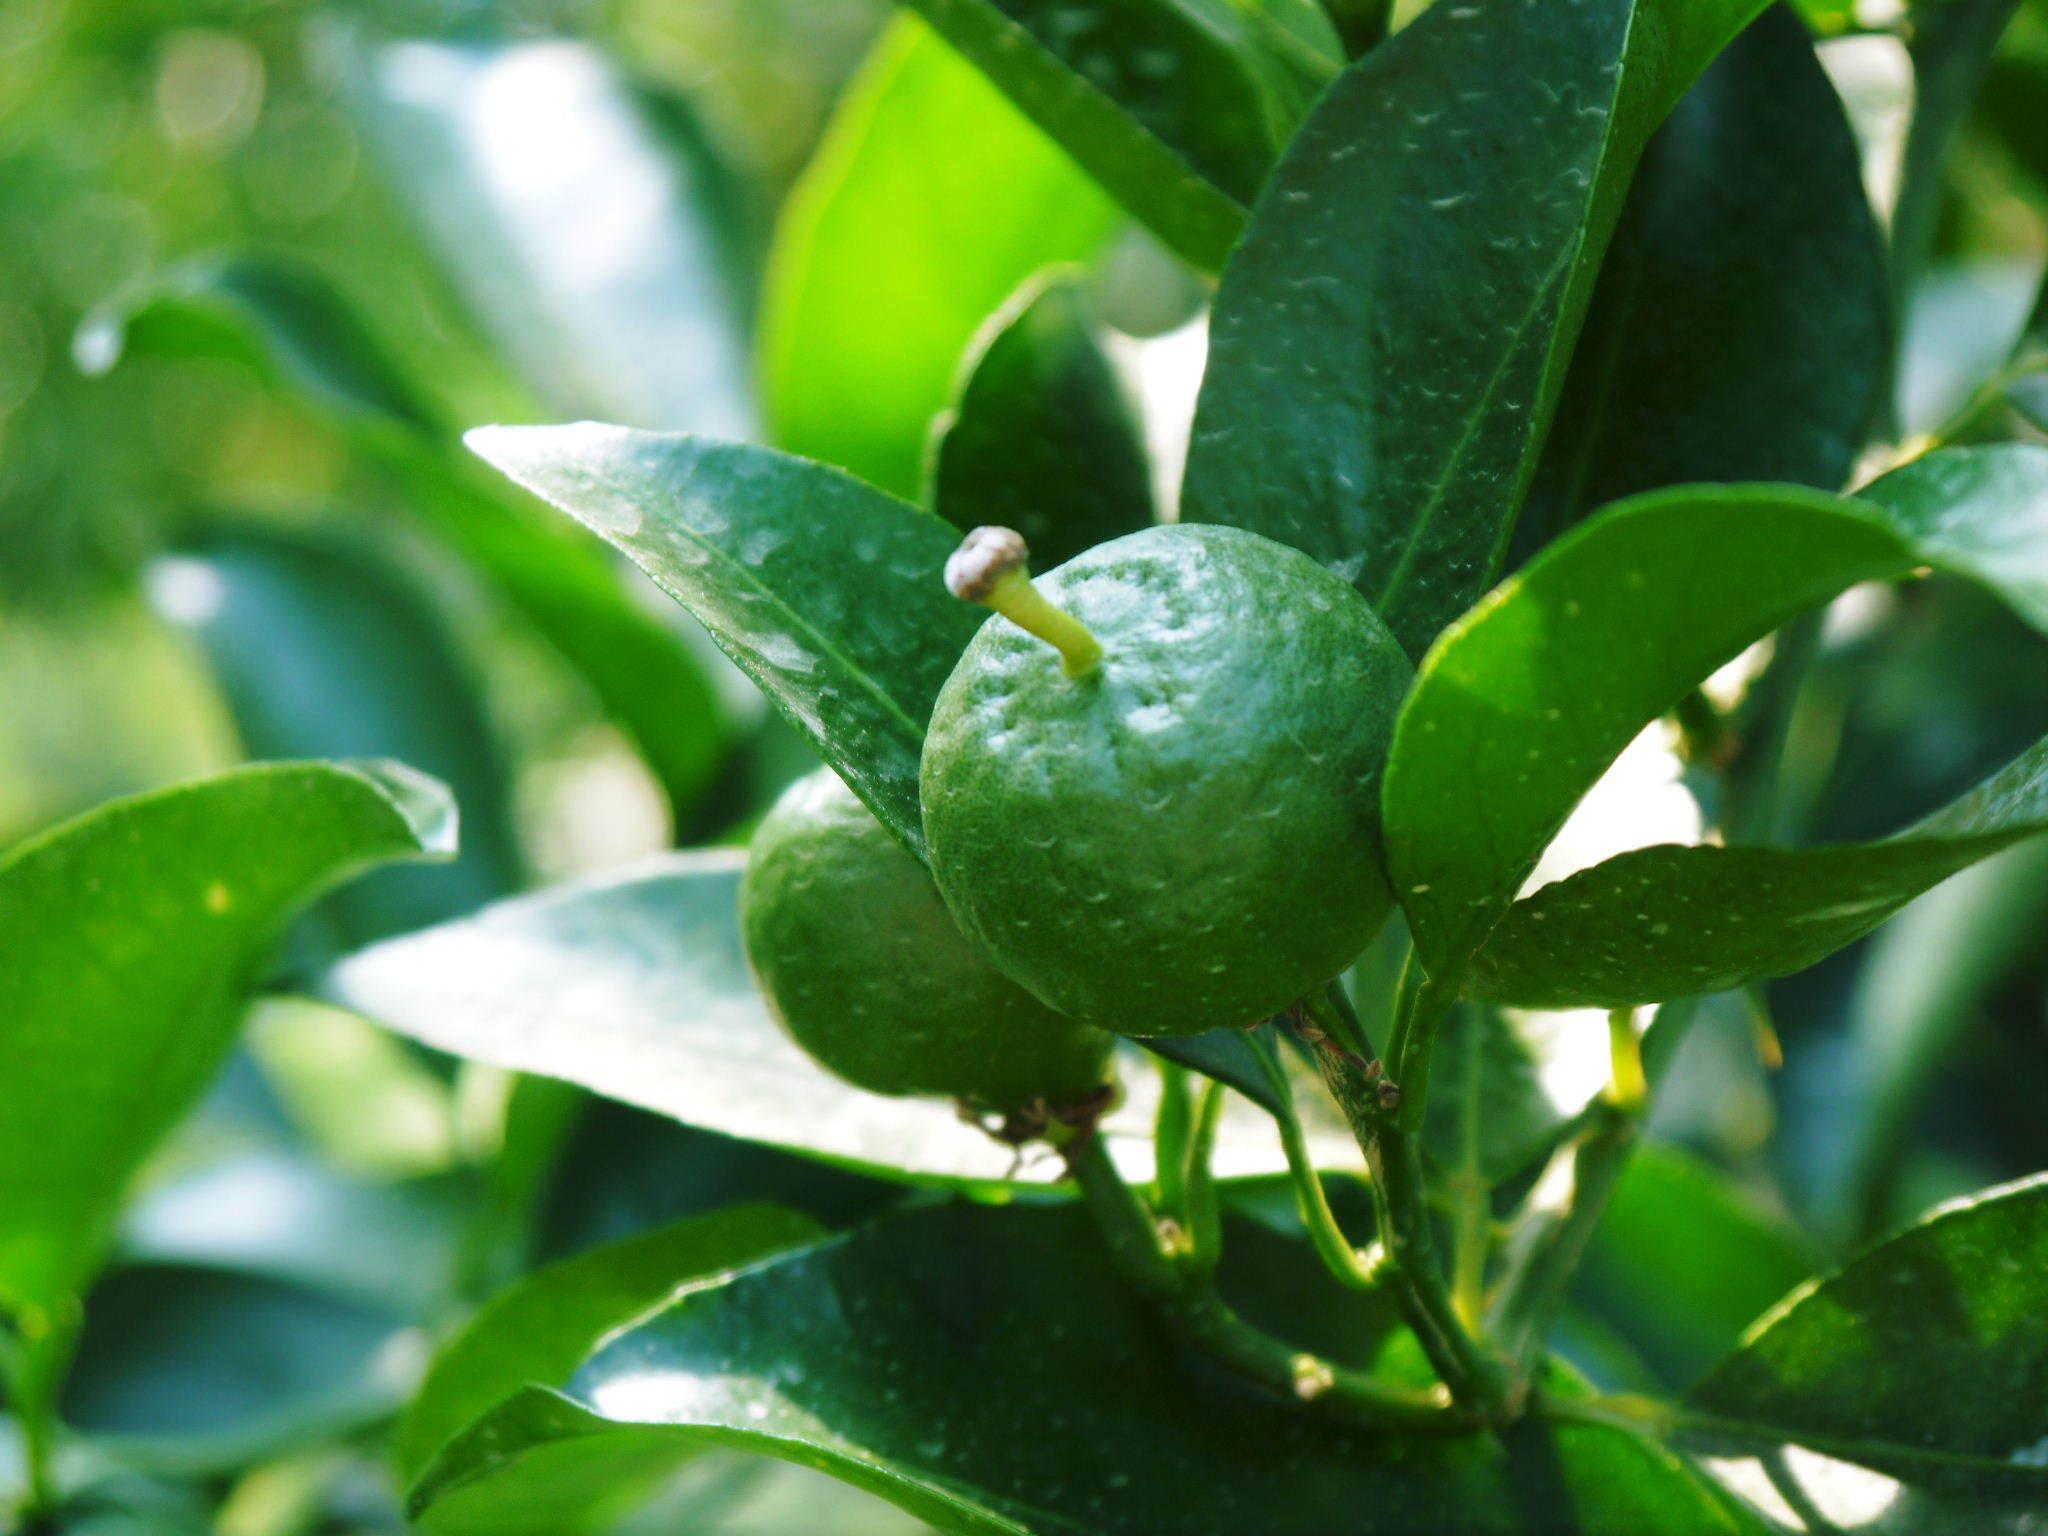 """究極の柑橘「せとか」 着果の様子(2020) 惜しまぬ手間ひまと匠の技で""""本物""""と呼べる美味しさに育てます_a0254656_18170825.jpg"""